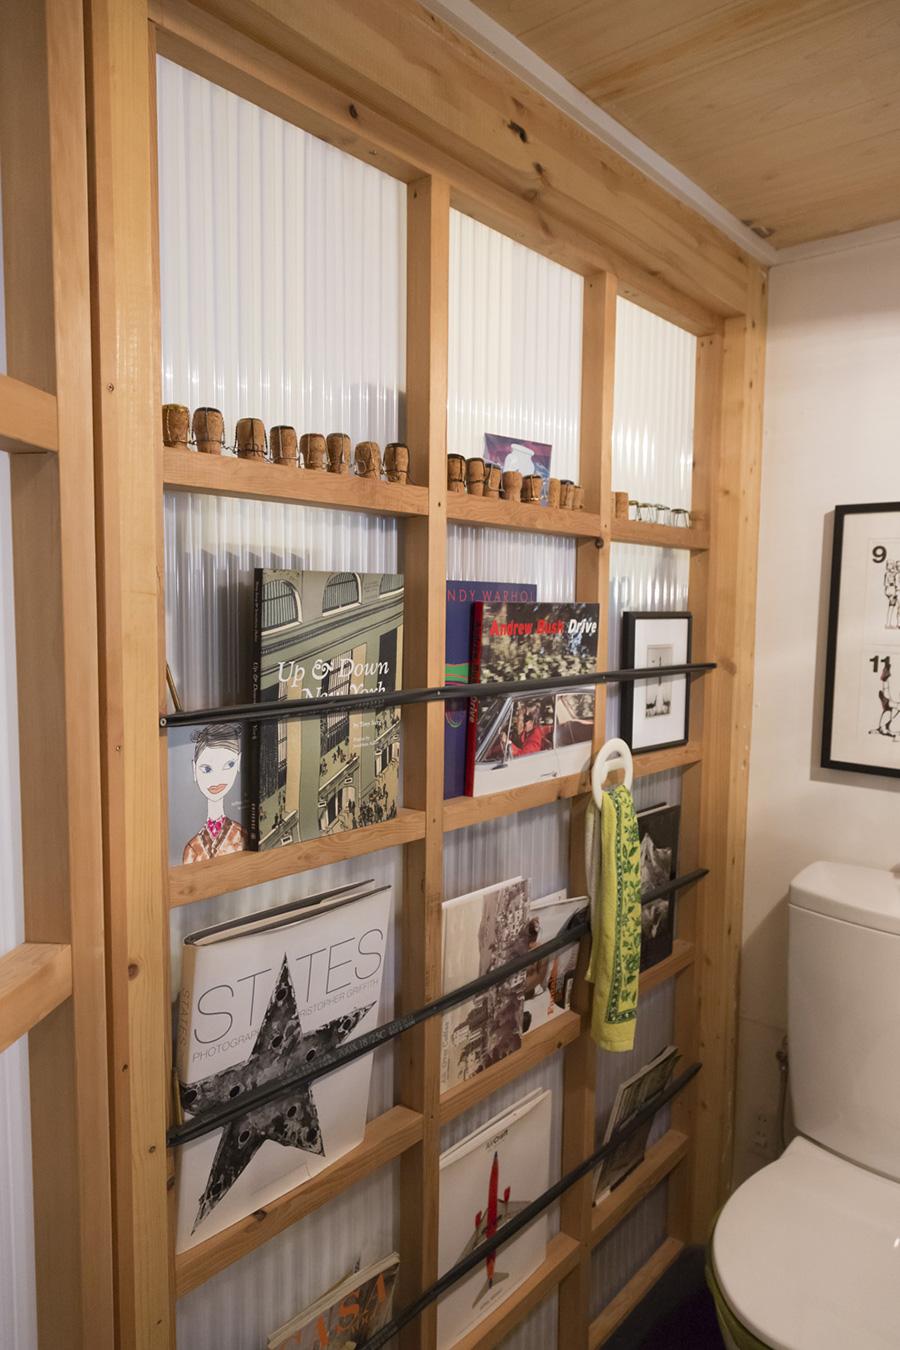 波板を貼った桟に自転車用のチューブを渡し、洋書の棚に。半透明の壁&バスルームとつながる窓が開いているので開放感も。